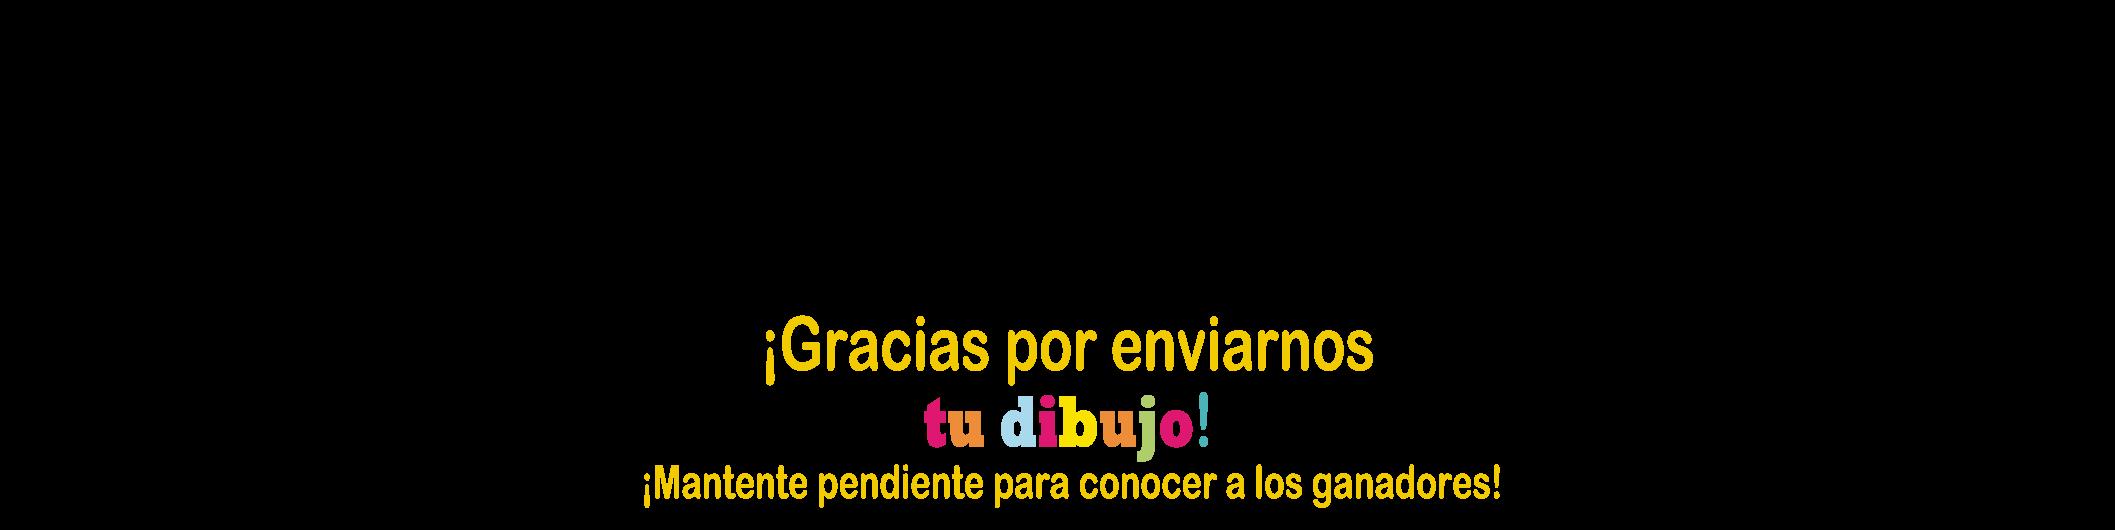 dibujo_ilustracion_premiacion_gracias.png